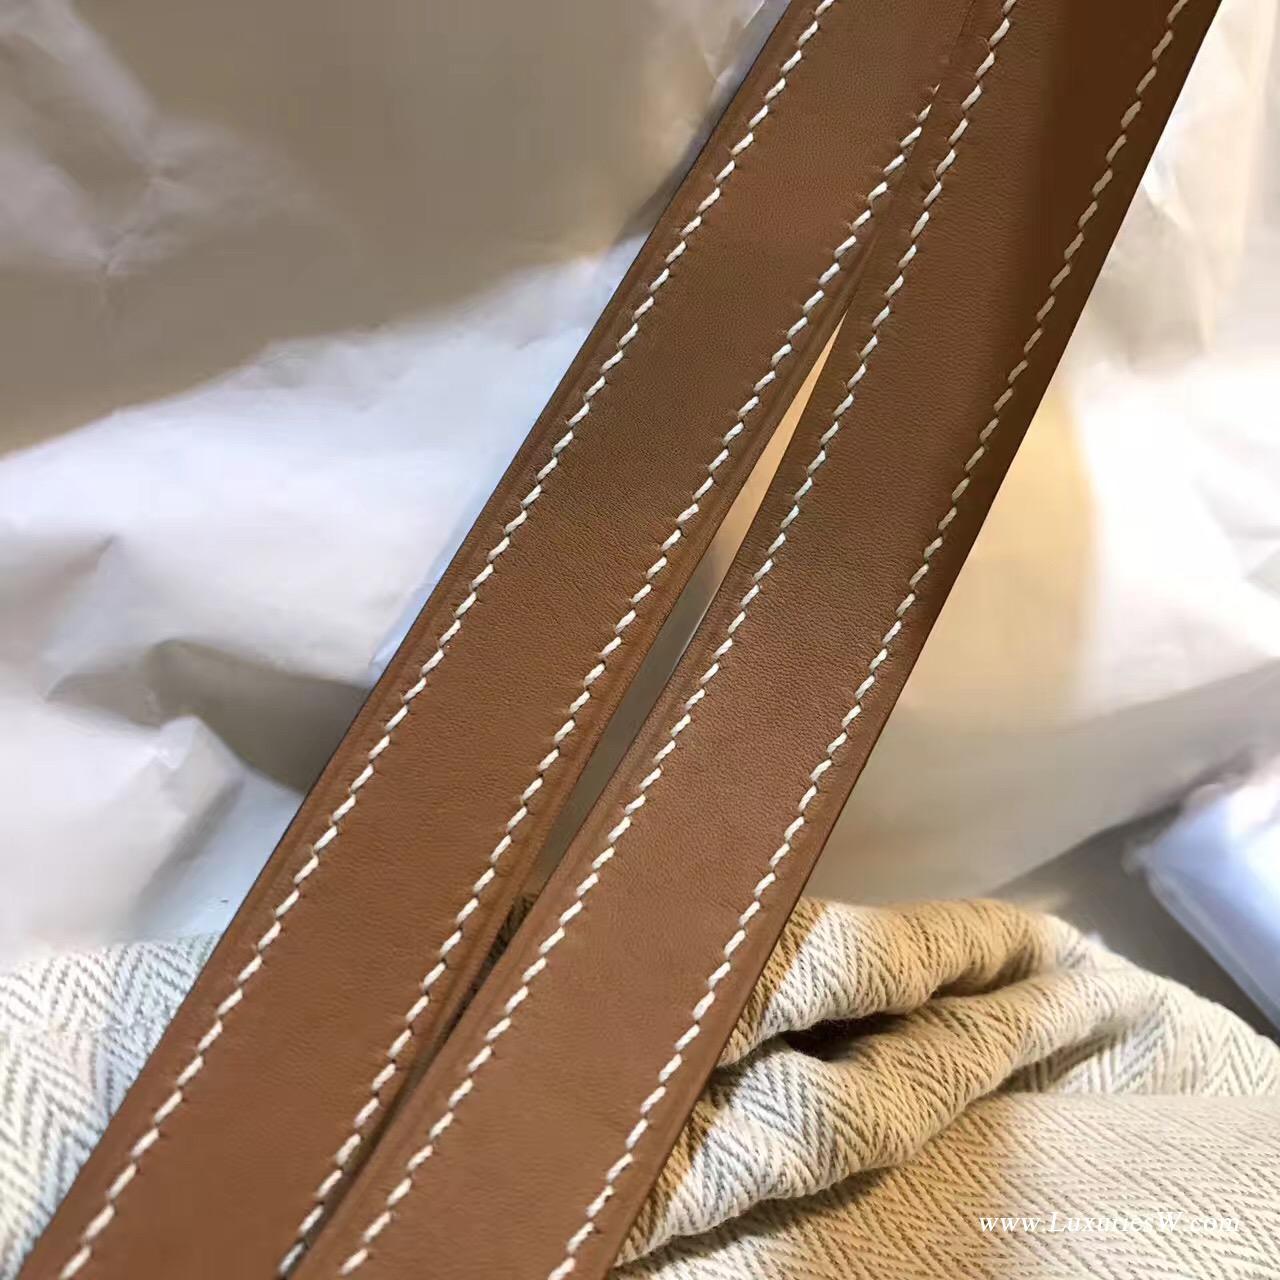 Kelly Belt Epsom CK 37 Gold金棕色腰带 纯手工